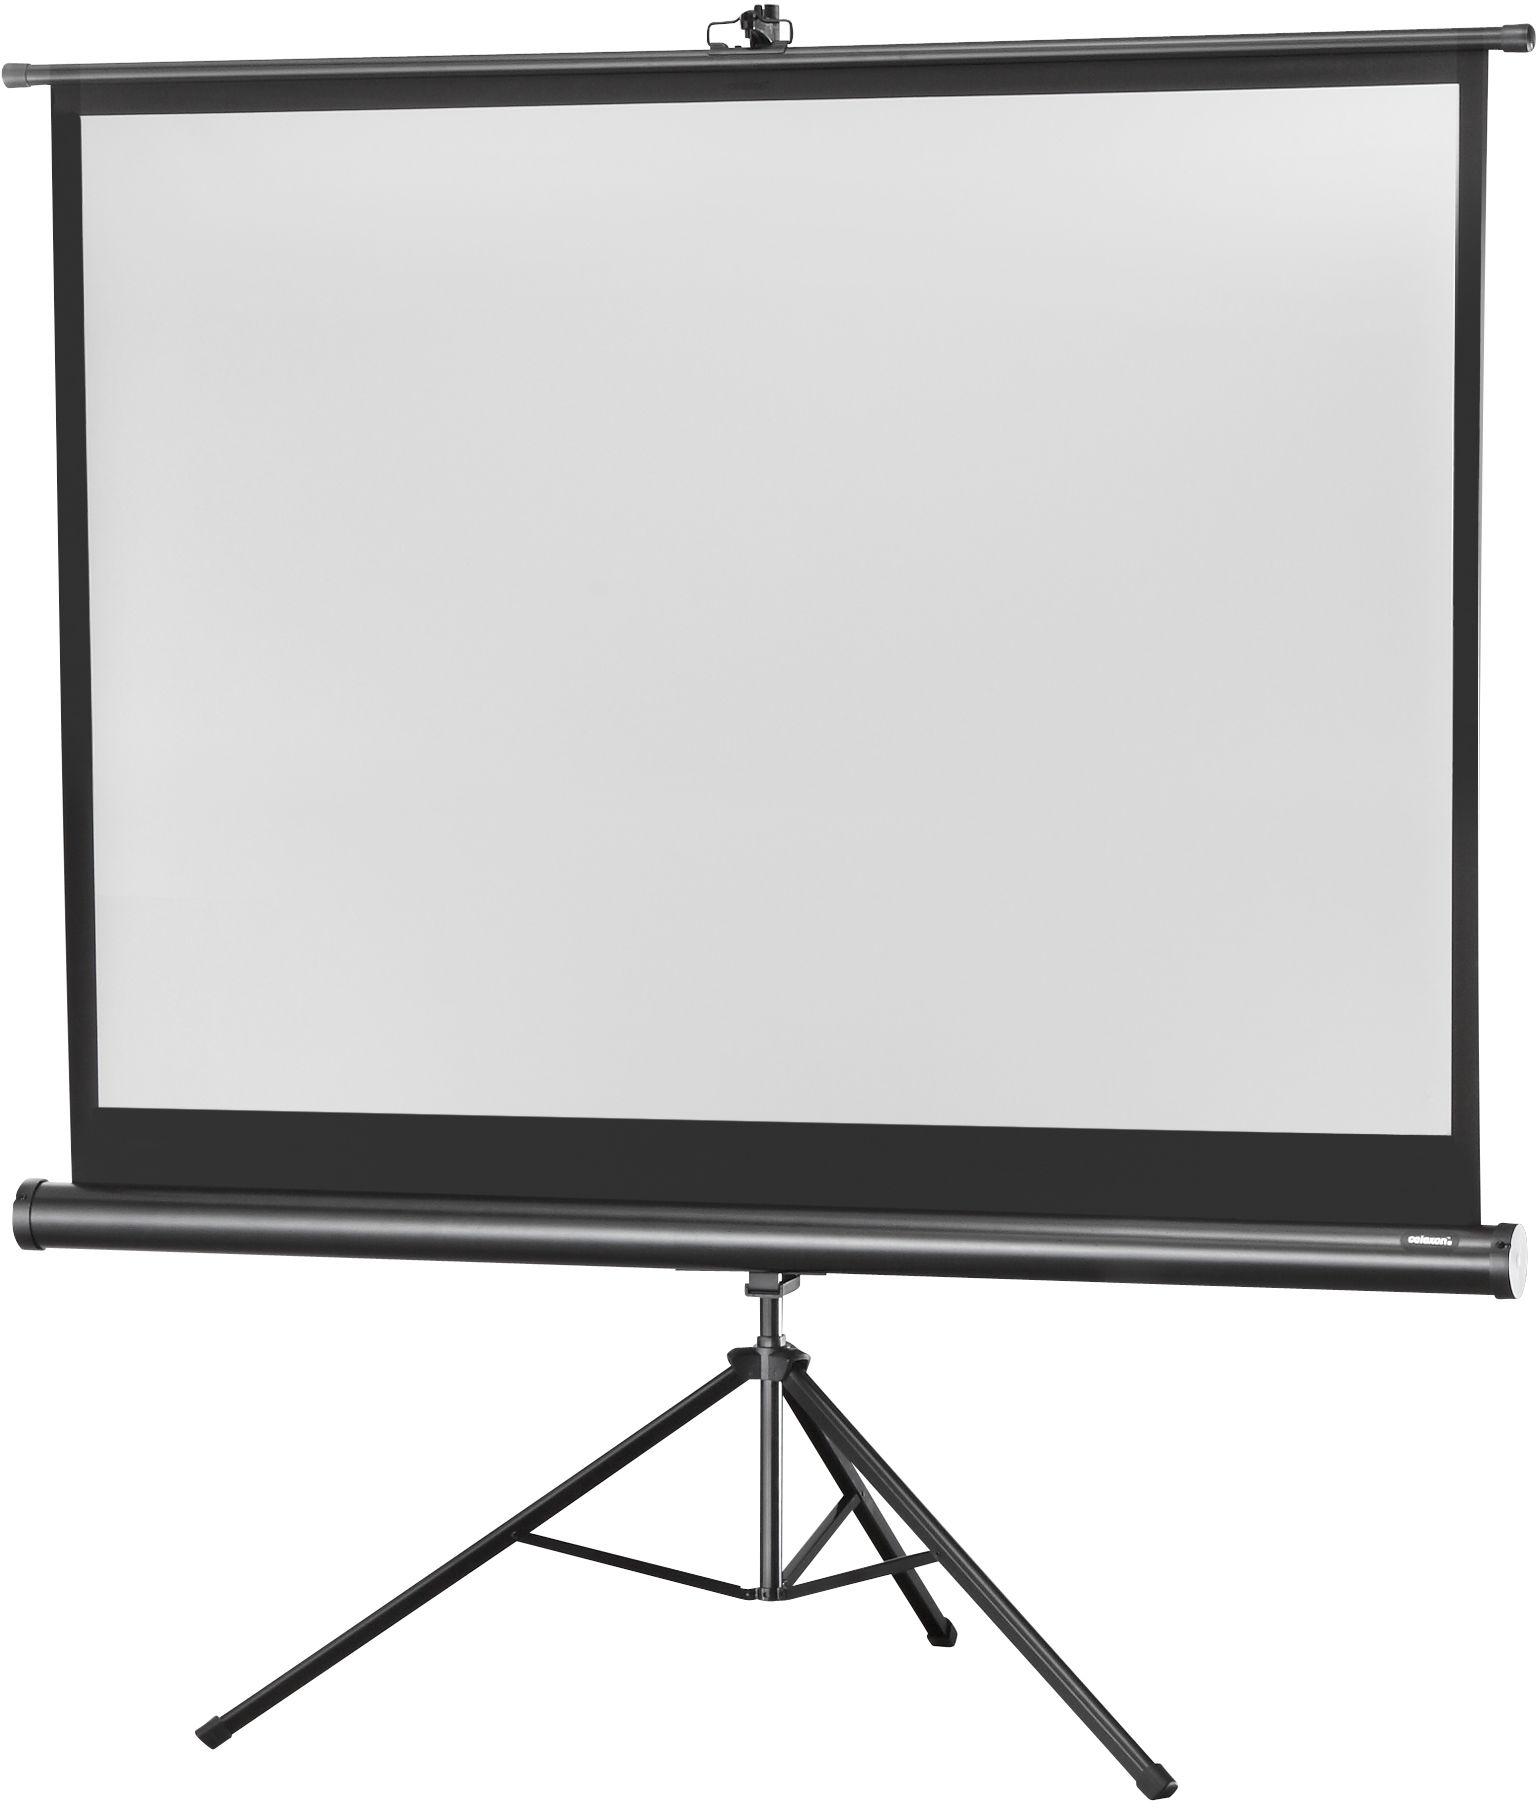 celexon Economy 211 x 160 cm ekran projekcyjny na trójnogu - Biała edycja